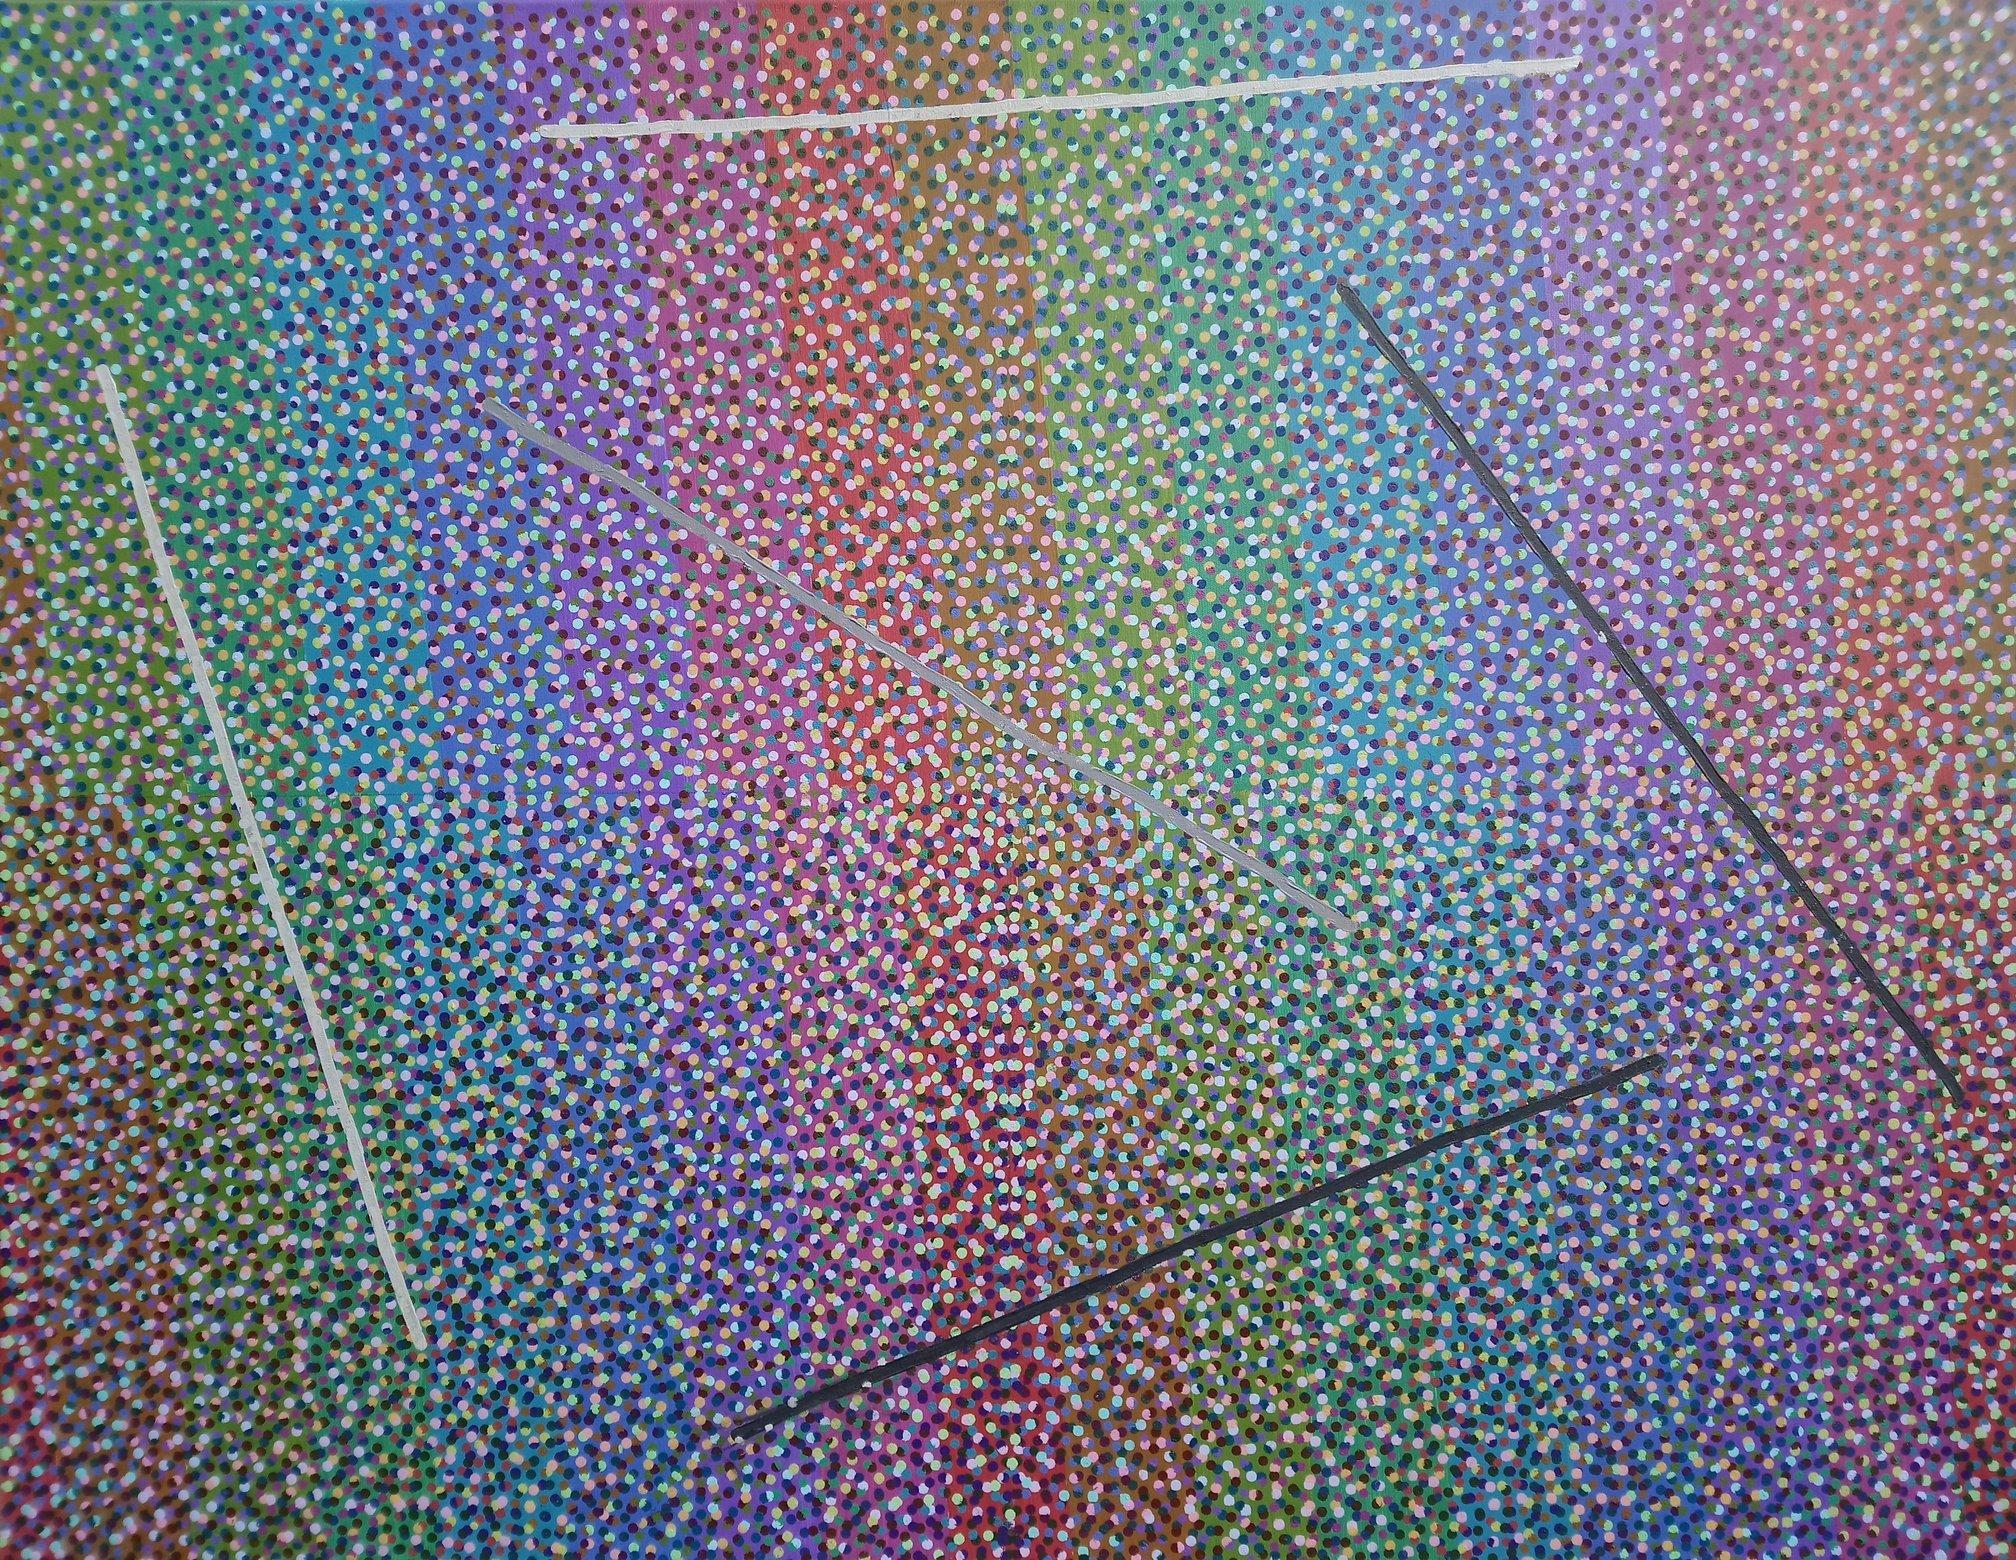 Nowy Strukturalizm 2 100x130 akryl płótno 2017